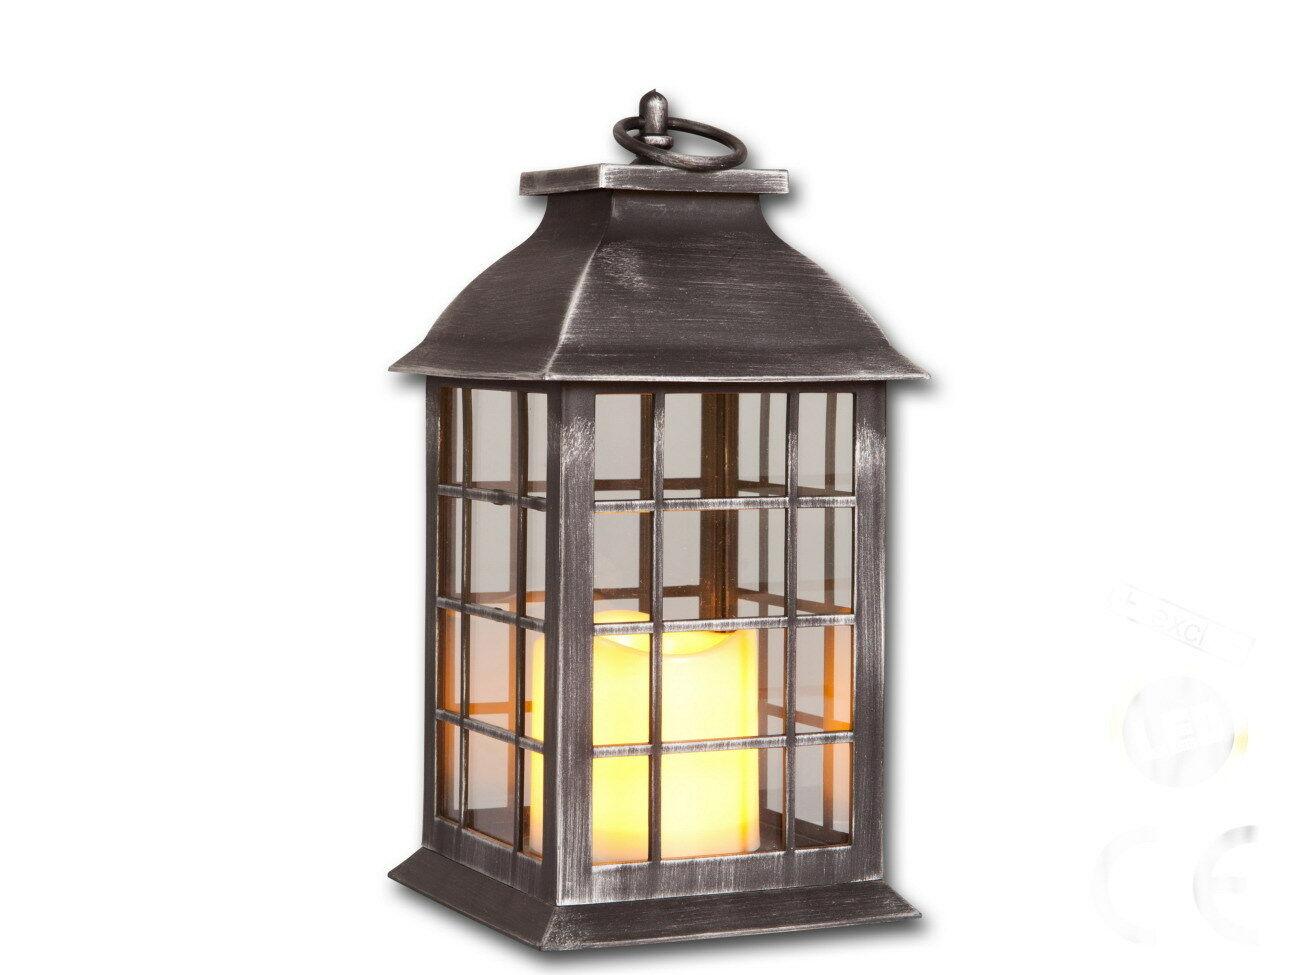 laterne mit led kerze flackernd deko kerzen st nder halter leuchter grablicht kaufen bei. Black Bedroom Furniture Sets. Home Design Ideas